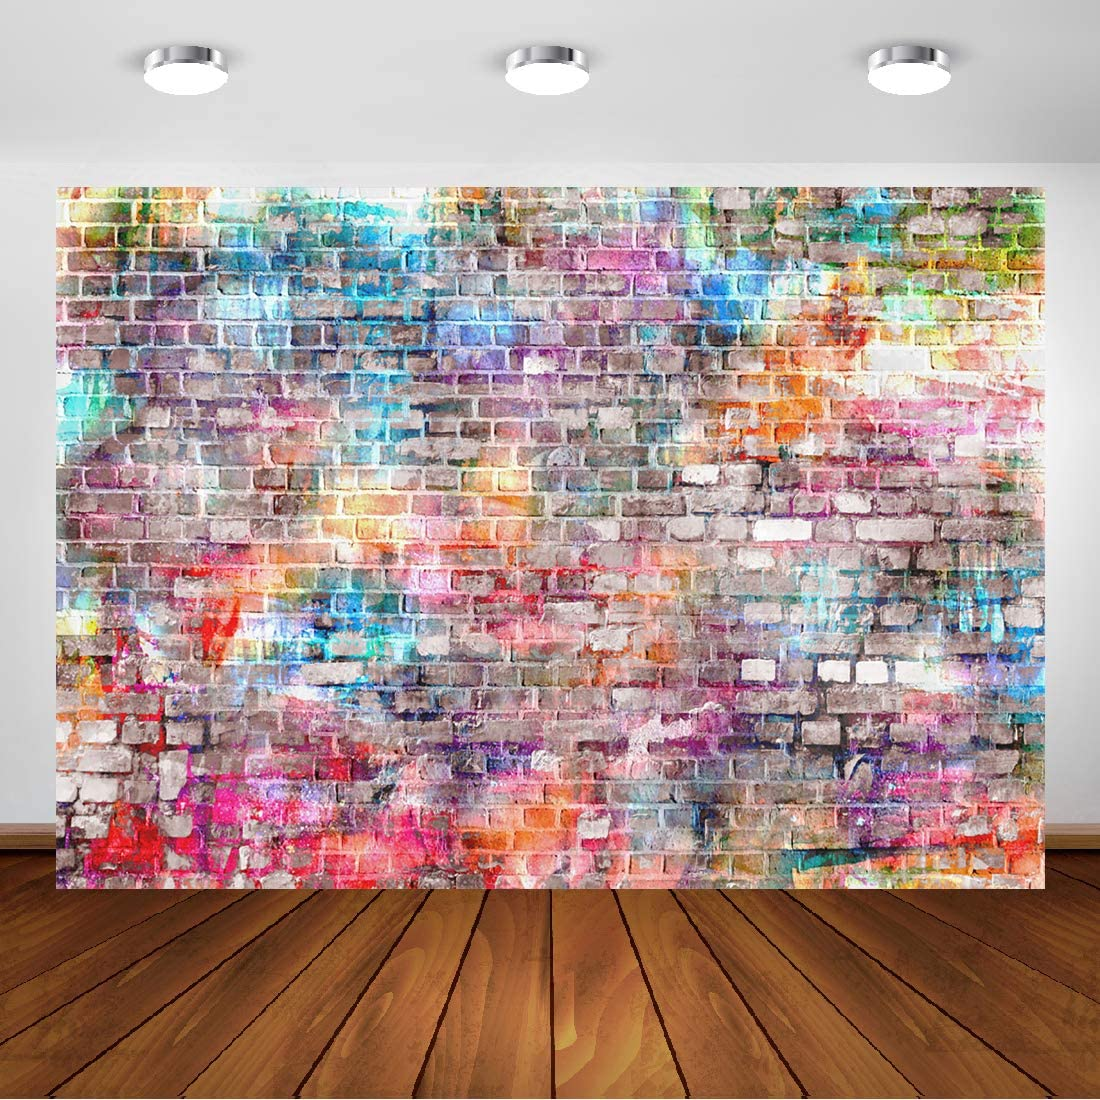 Backdrop Graffiti Brick Wall Art Fabric Backdrop Photography Background 7E